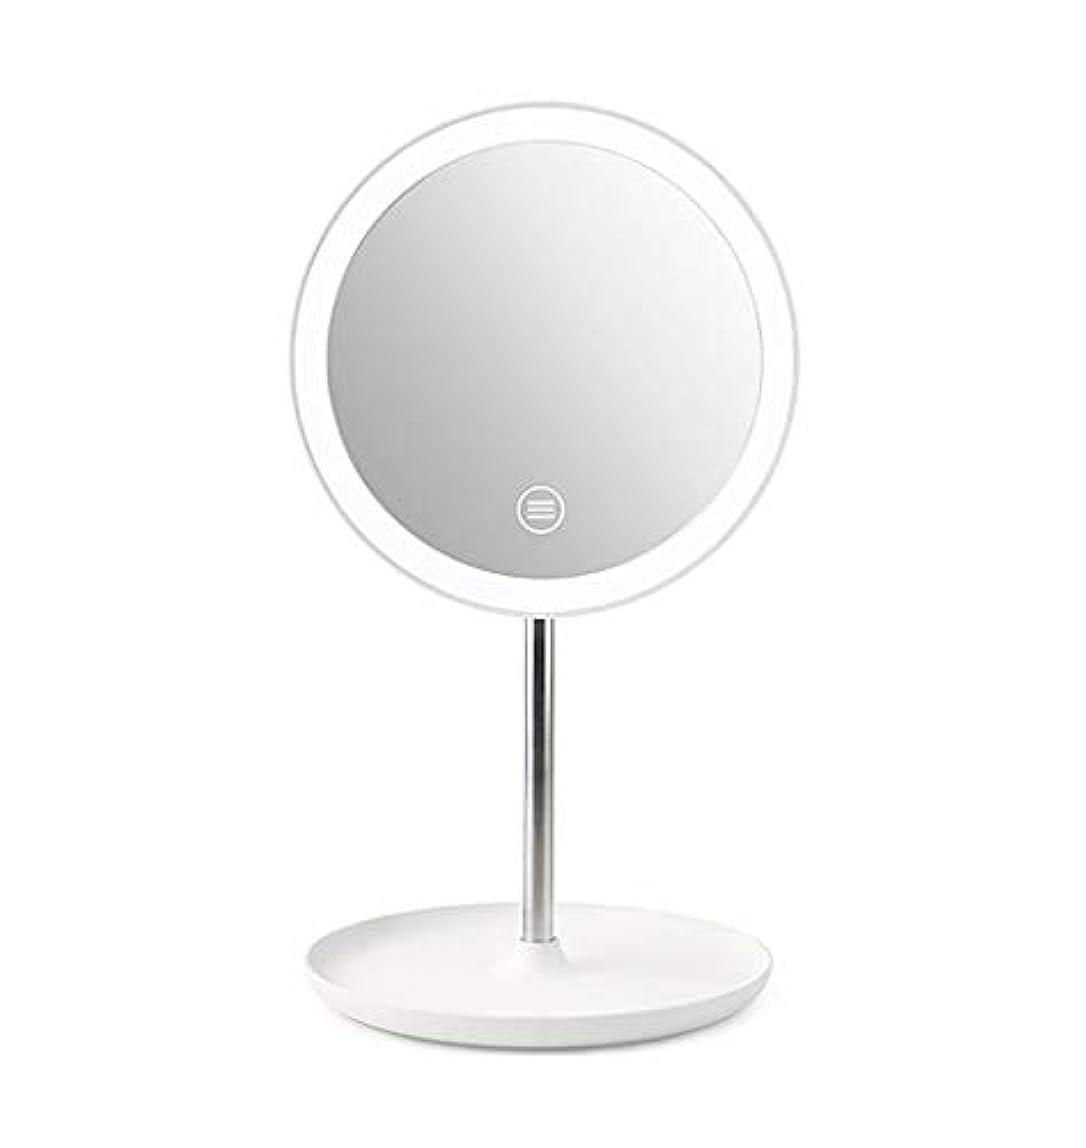 バングラデシュアブセイ歴史的LED化粧鏡コンパクト、スタンド付き化粧鏡LEDライト付き照明付きバニティミラー調光可能なタッチスクリーン卓上化粧鏡180°回転USB充電